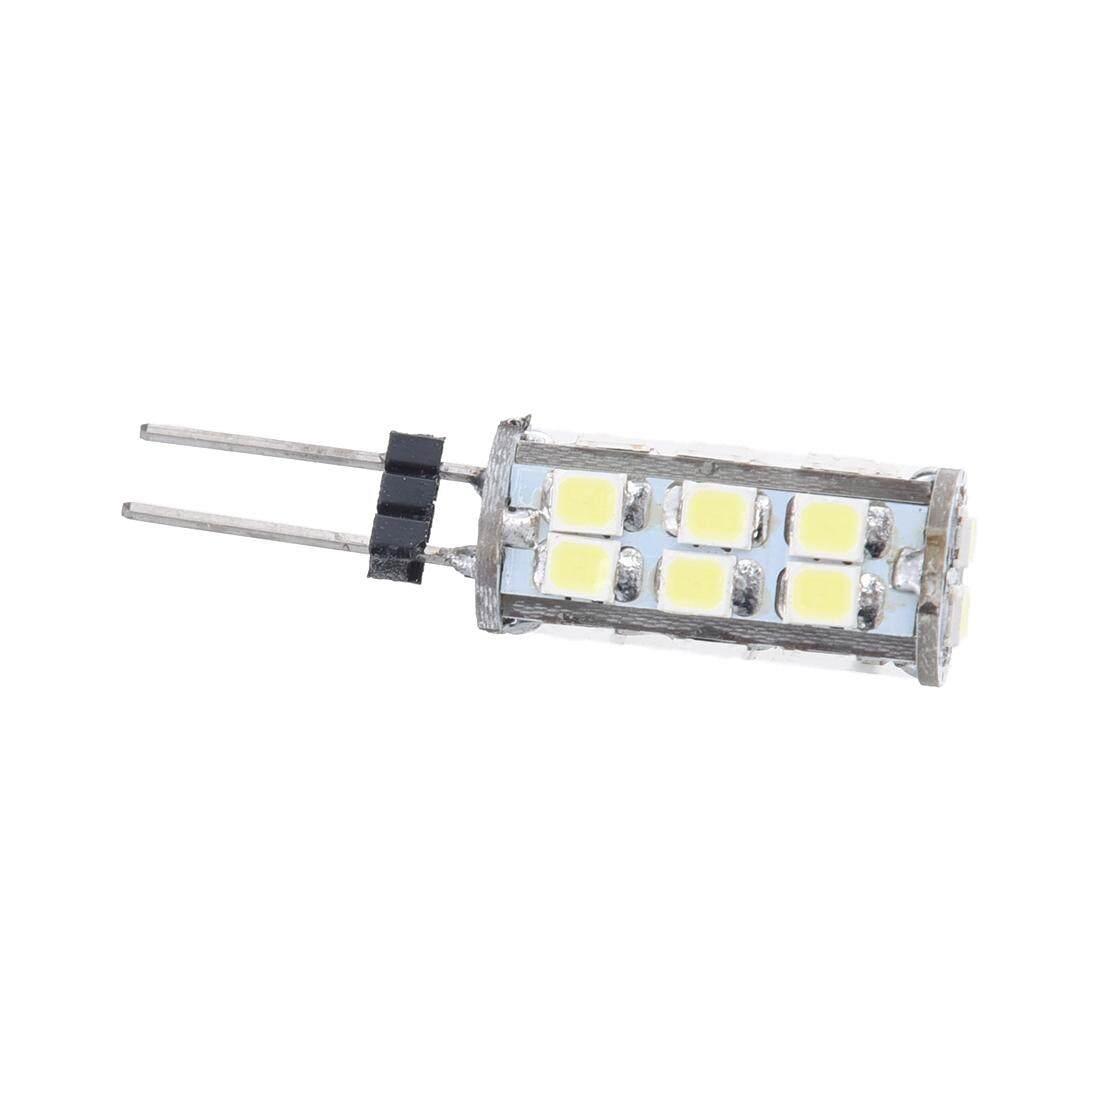 G4 26 SMD 3528 LED Murni Putih RC Laut Ringan Camper Spotlight Umbi Lampu 12 V 2 W-Internasional